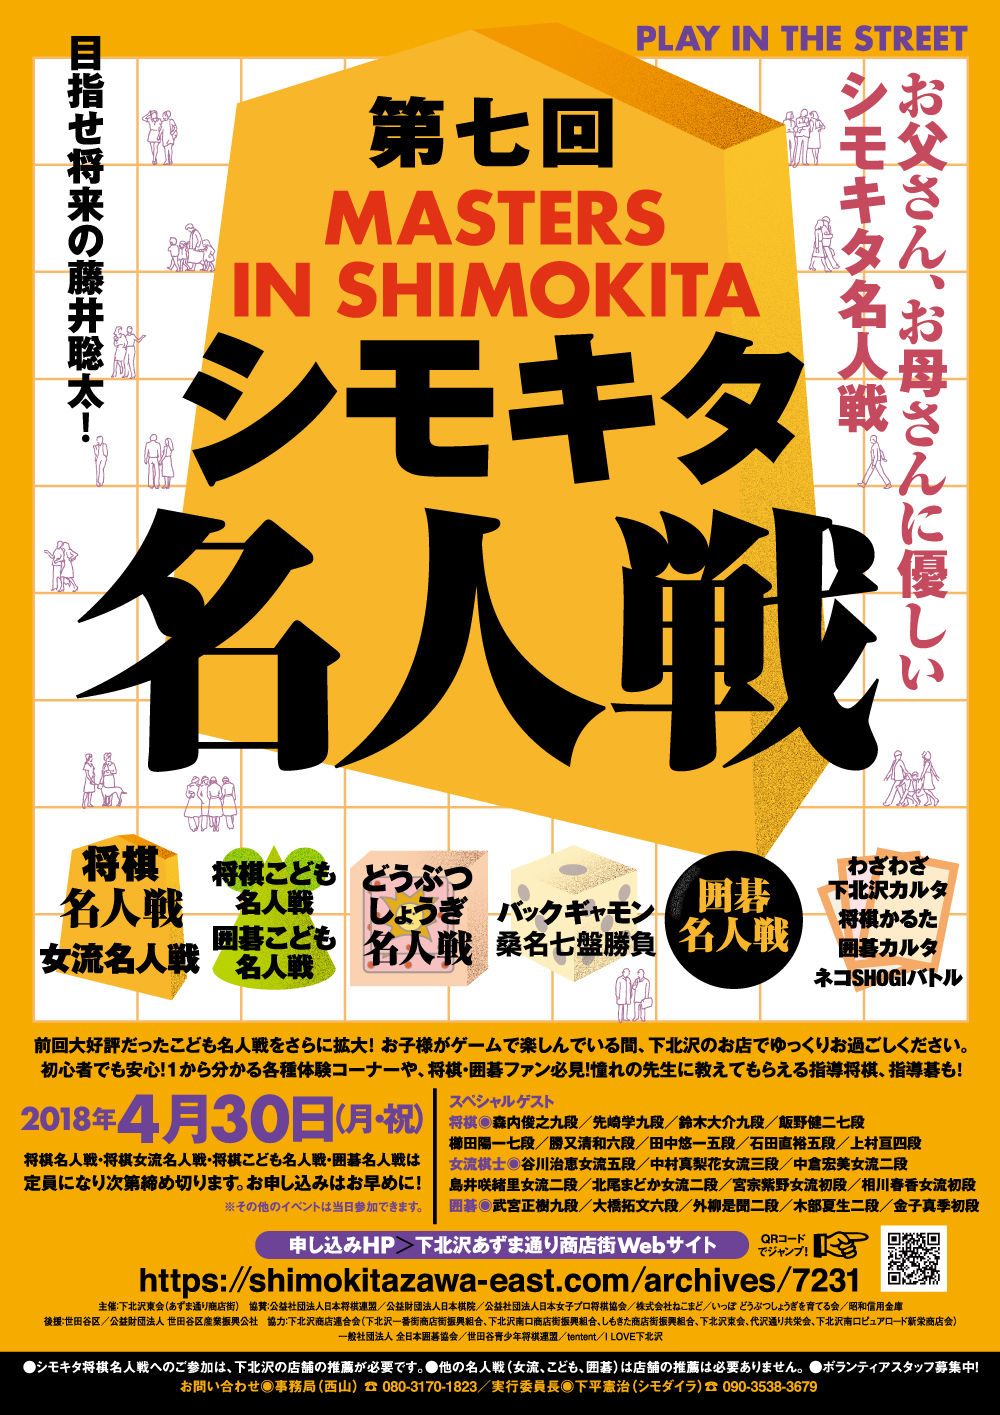 第七回シモキタ名人戦チラシ表